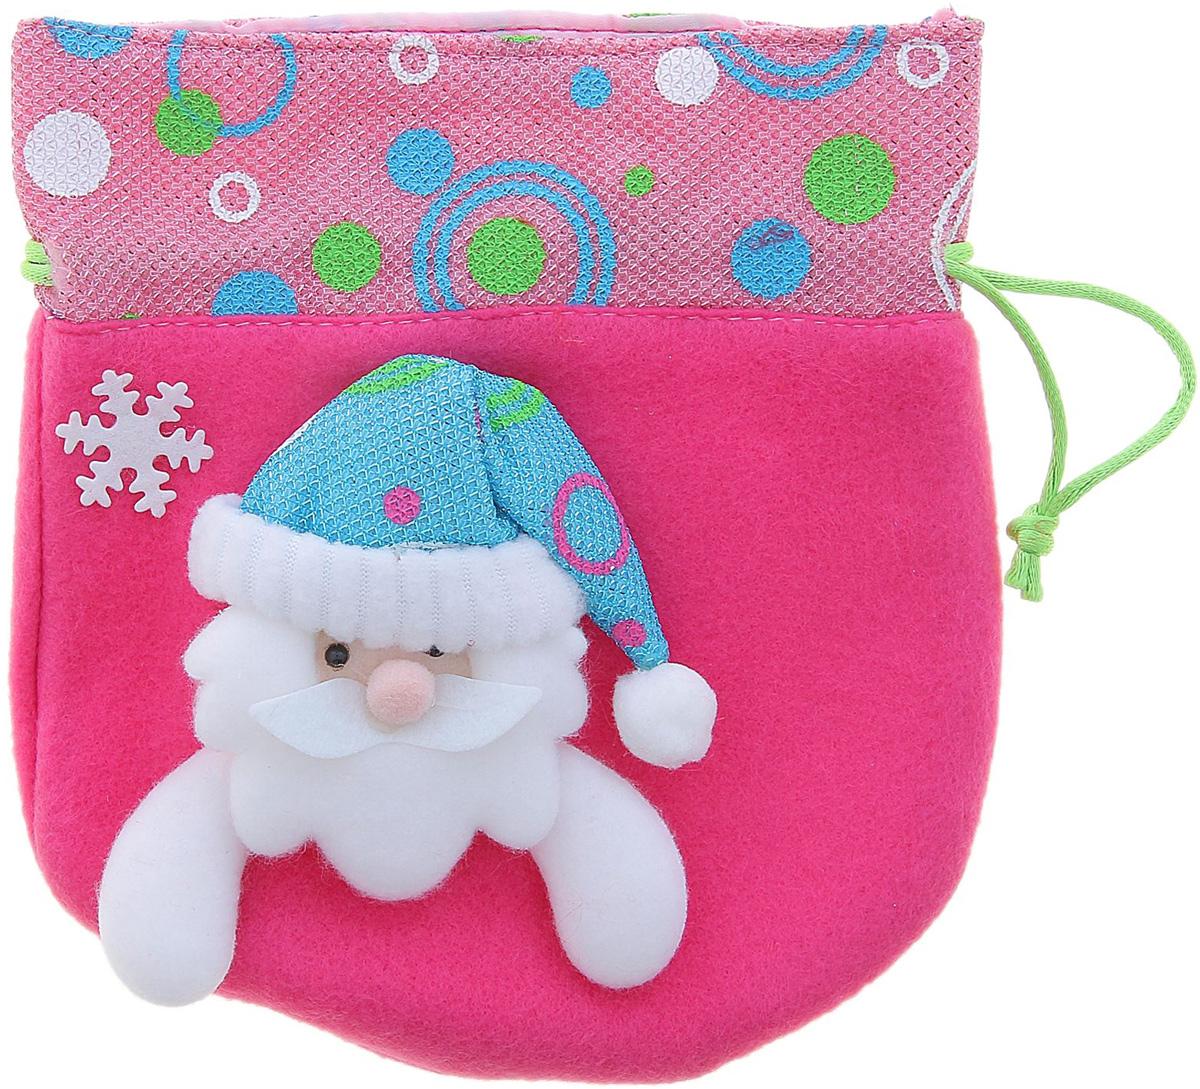 Мешок для подарков Sima-land Дед мороз в шапочке, цвет: розовый, 15 х 16 см. 511966511966Яркий мешок для подарков Sima-land выполнен из текстиля. Невозможно представить нашу жизнь без праздников! Мы всегда ждем их и предвкушаем, обдумываем, как проведем памятный день, тщательно выбираем подарки и аксессуары, ведь именно они создают и поддерживают торжественный настрой. Мешок Sima-land — это отличный выбор, который привнесет атмосферу праздника в ваш дом!